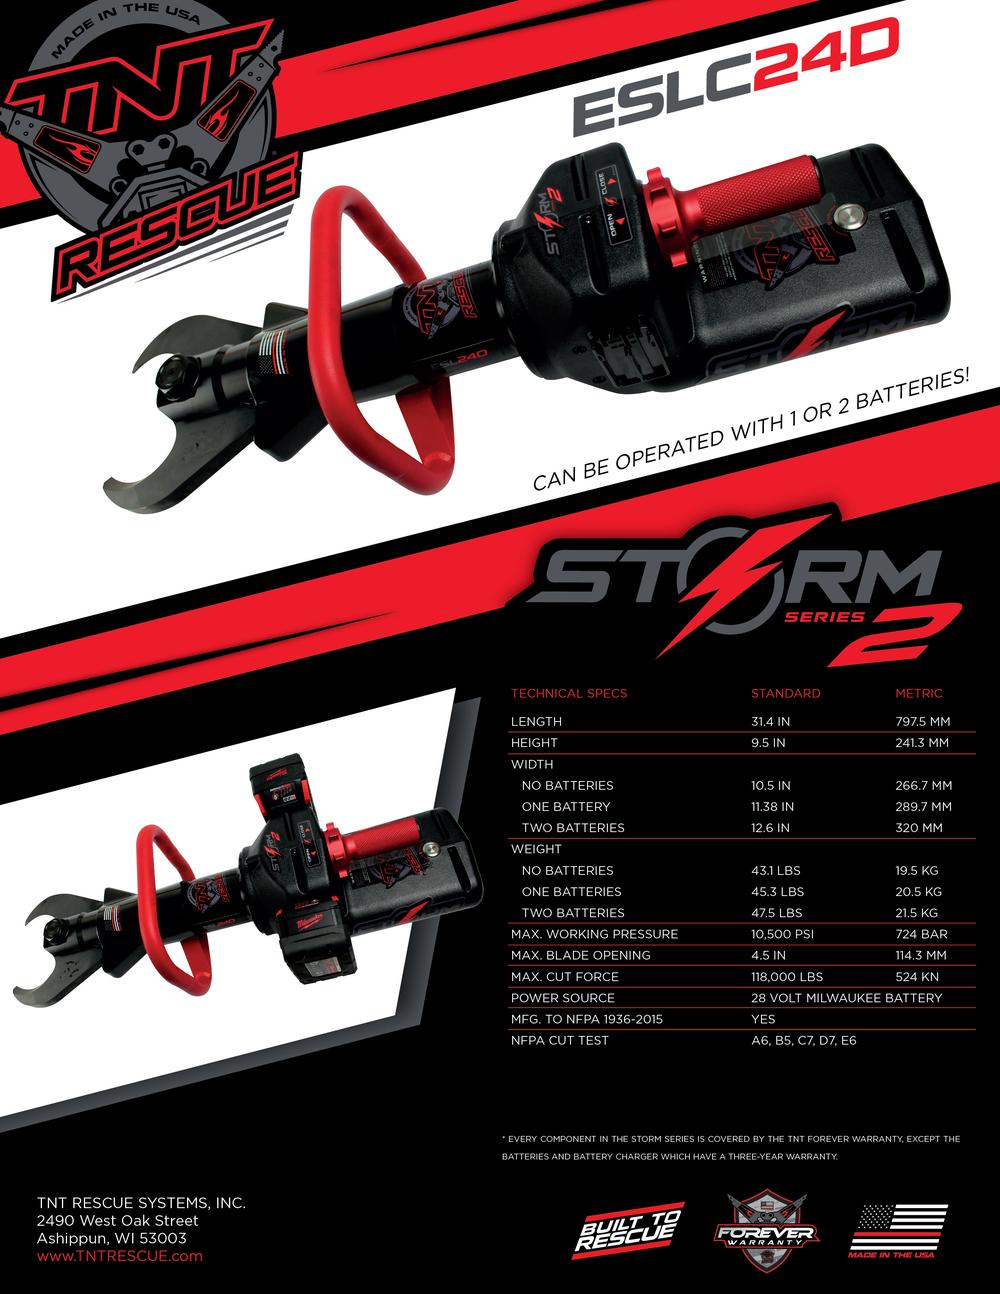 TNT-Spec-sheet-ESLC24D.png